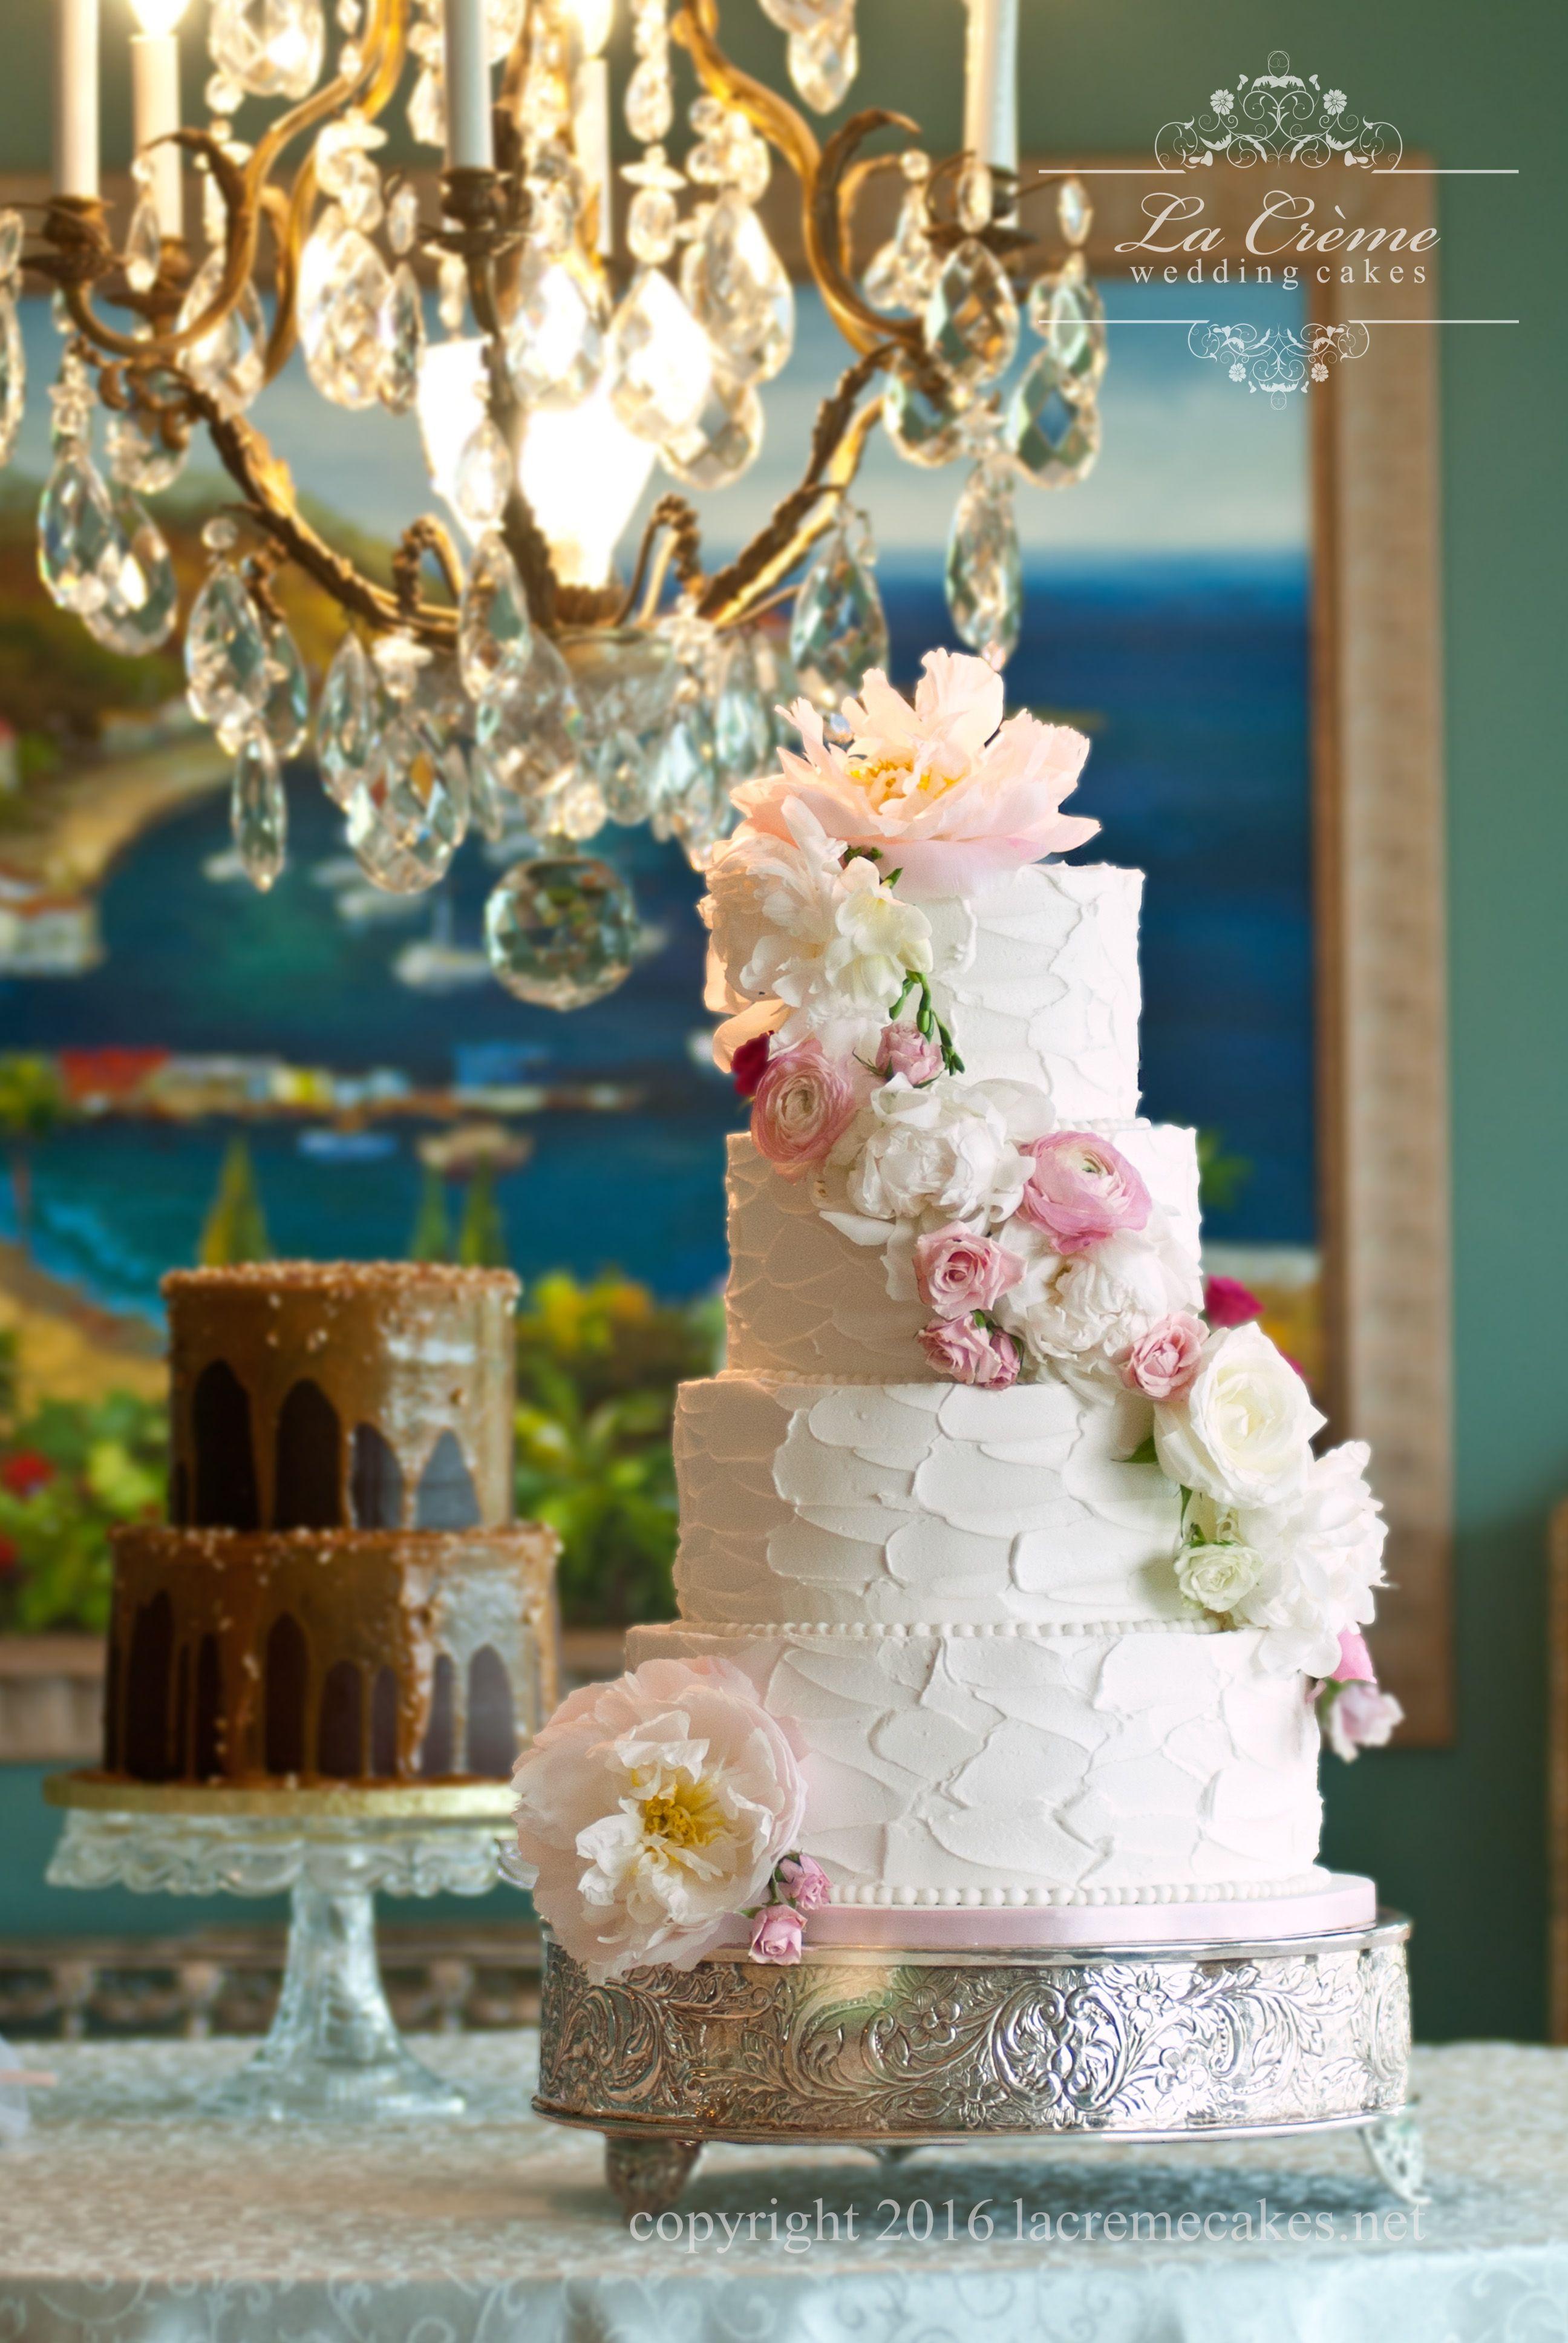 White Wedding Cake With Flower Cascade La Cremes Wedding Cakes